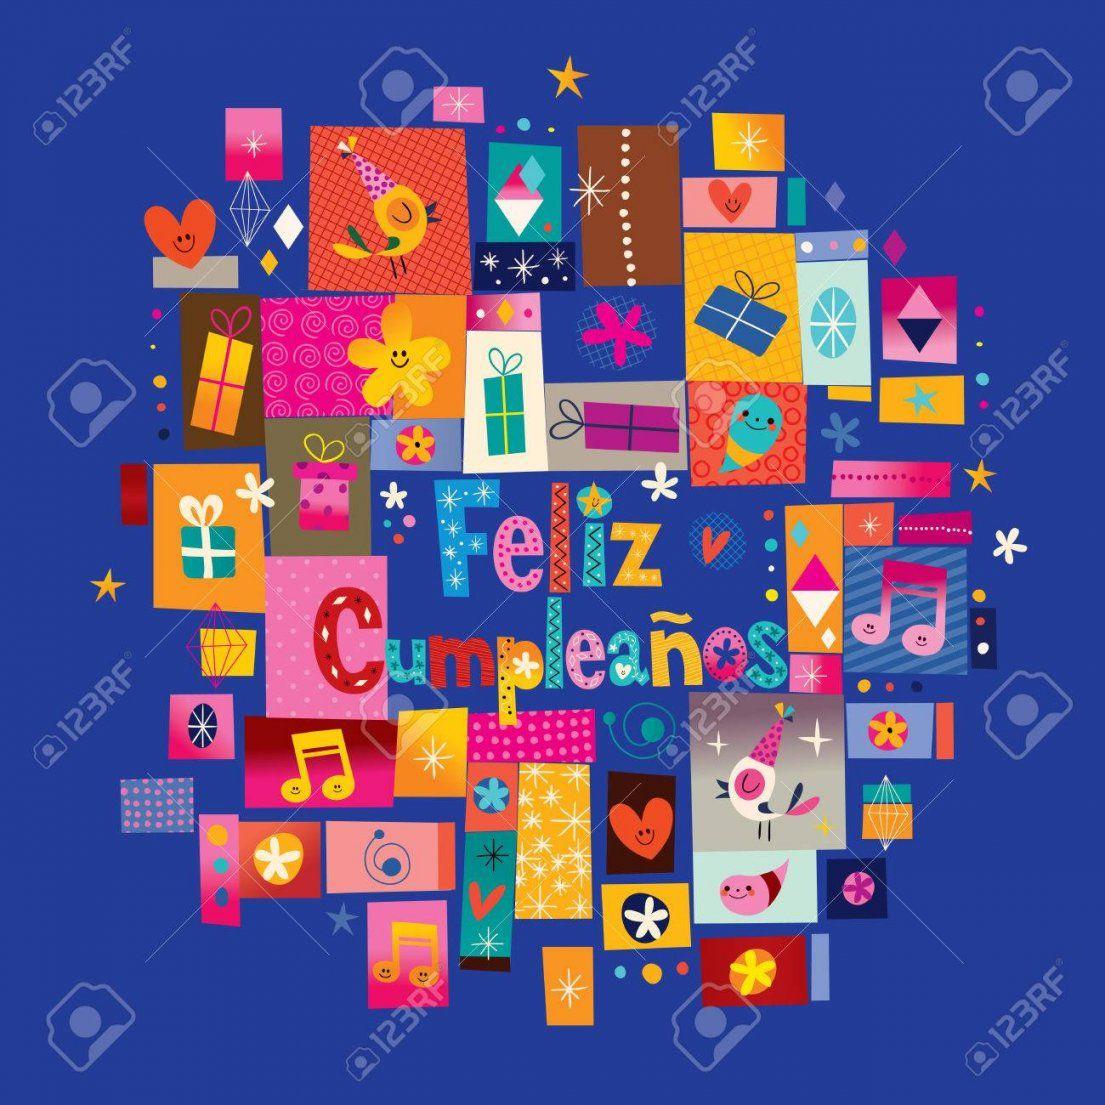 Feliz Cumpleanos  Alles Gute Zum Geburtstag Auf Spanisch Grußkarte von Alles Gute Auf Spanisch Bild